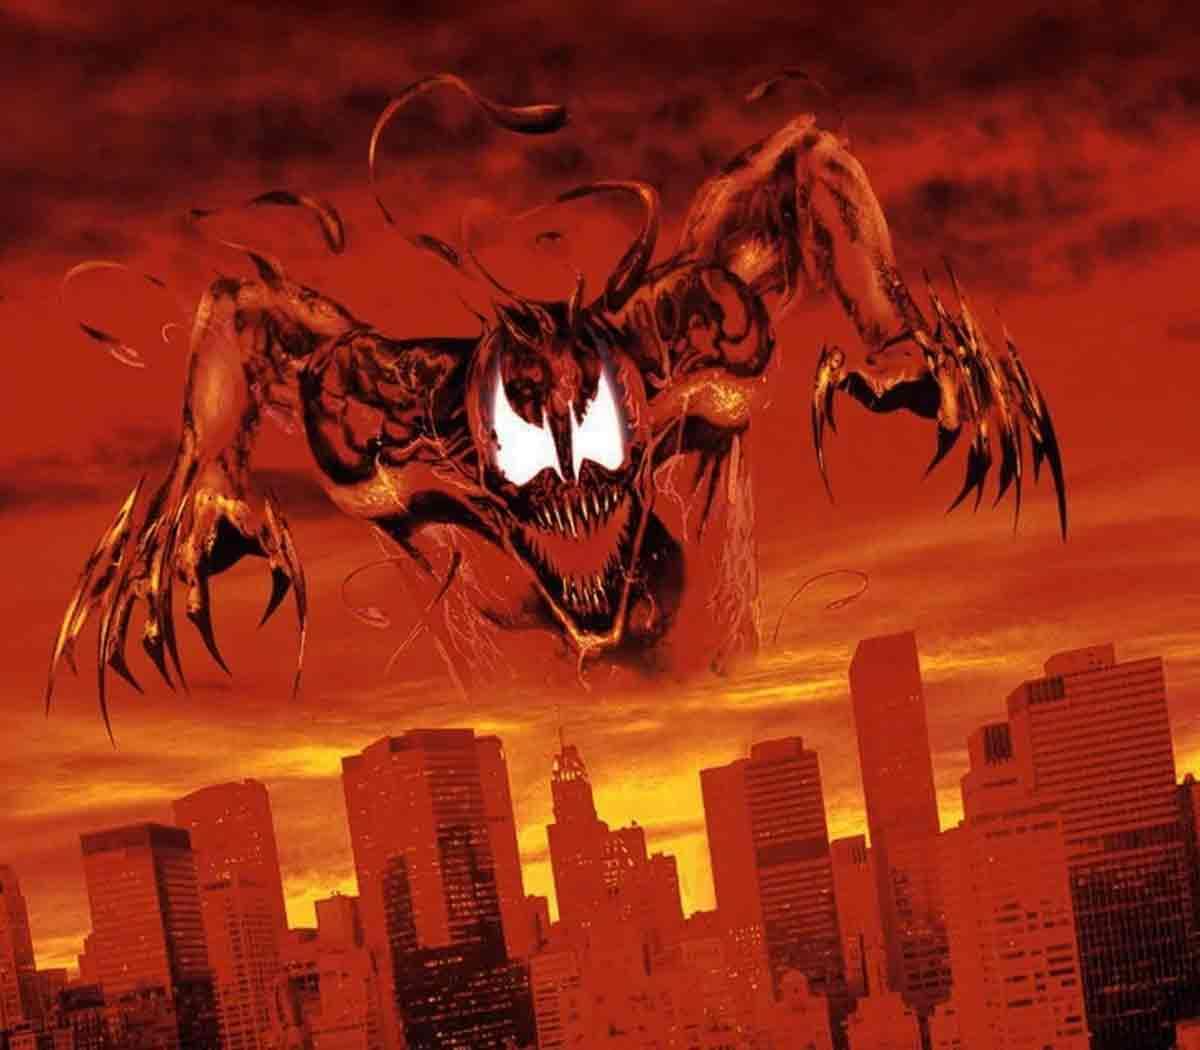 Impactante imagen de Carnage de Venom: Habrá matanza